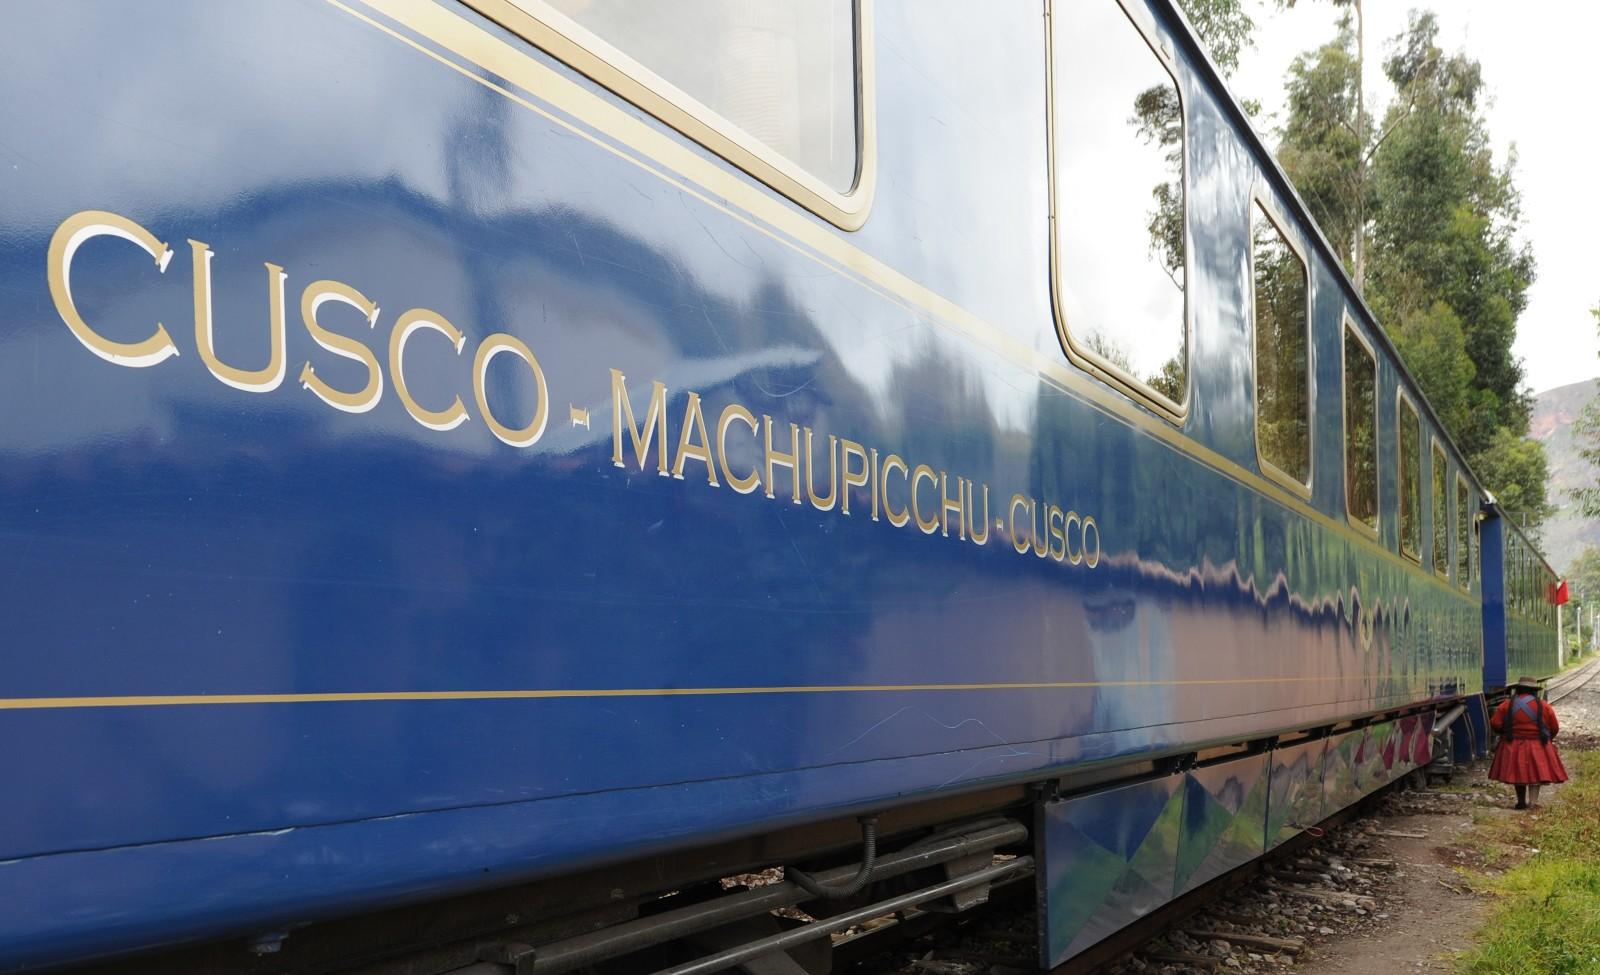 A rota de trem de Cusco a Machu Pichu é um dos roteiros mais tradicionais da América do Sul e é operada pelo The Belmond Hiram Bingham (foto: Divulgação) www.belmond.com